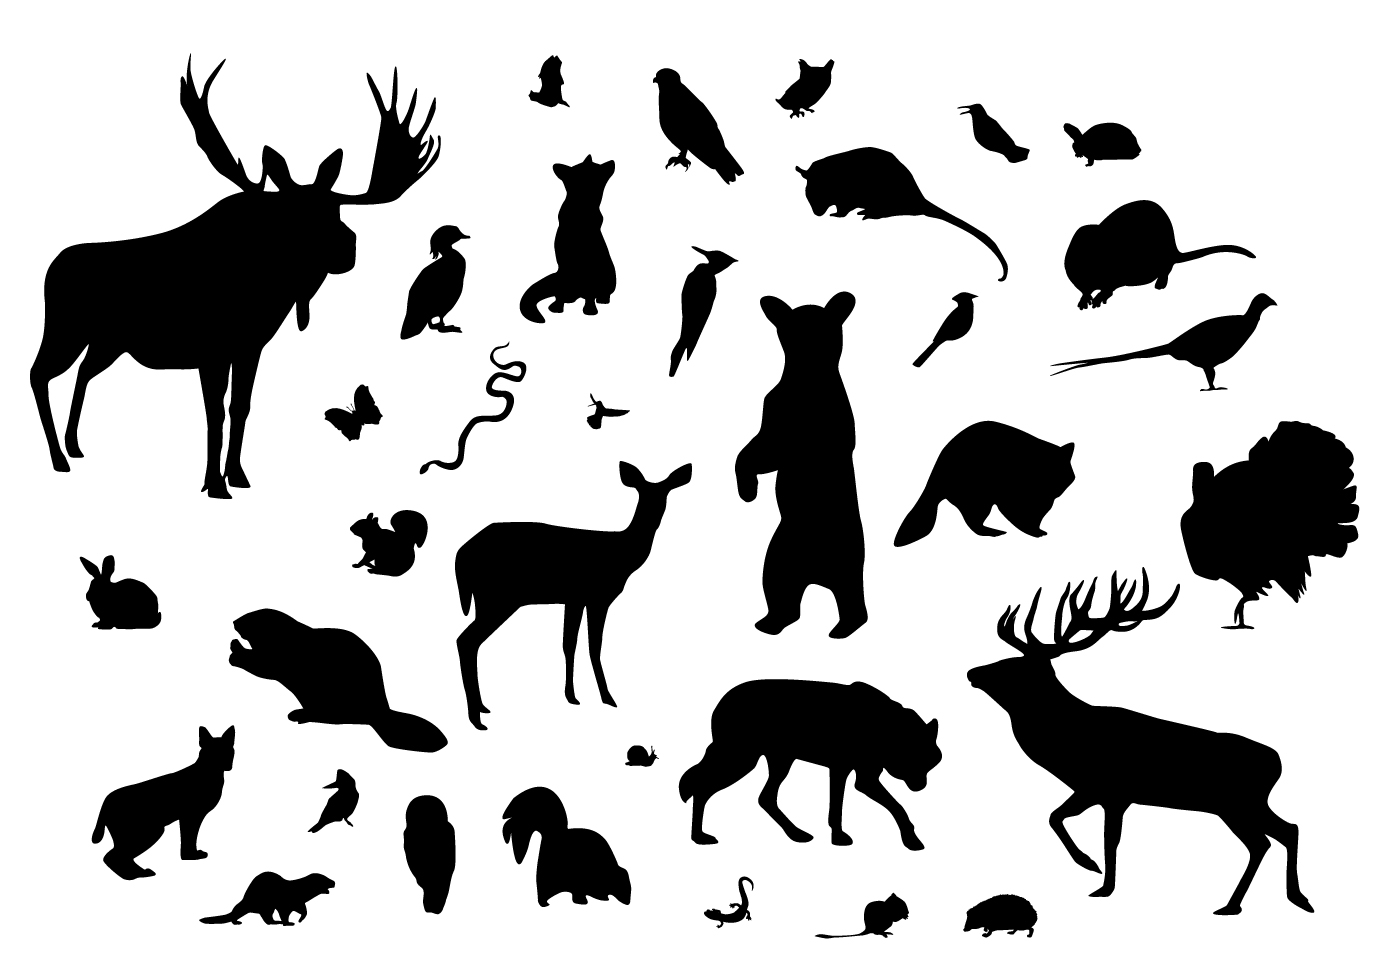 Silhouettes Des Animaux Forestiers Telecharger Vectoriel Gratuit Clipart Graphique Vecteur Dessins Et Pictogramme Gratuit